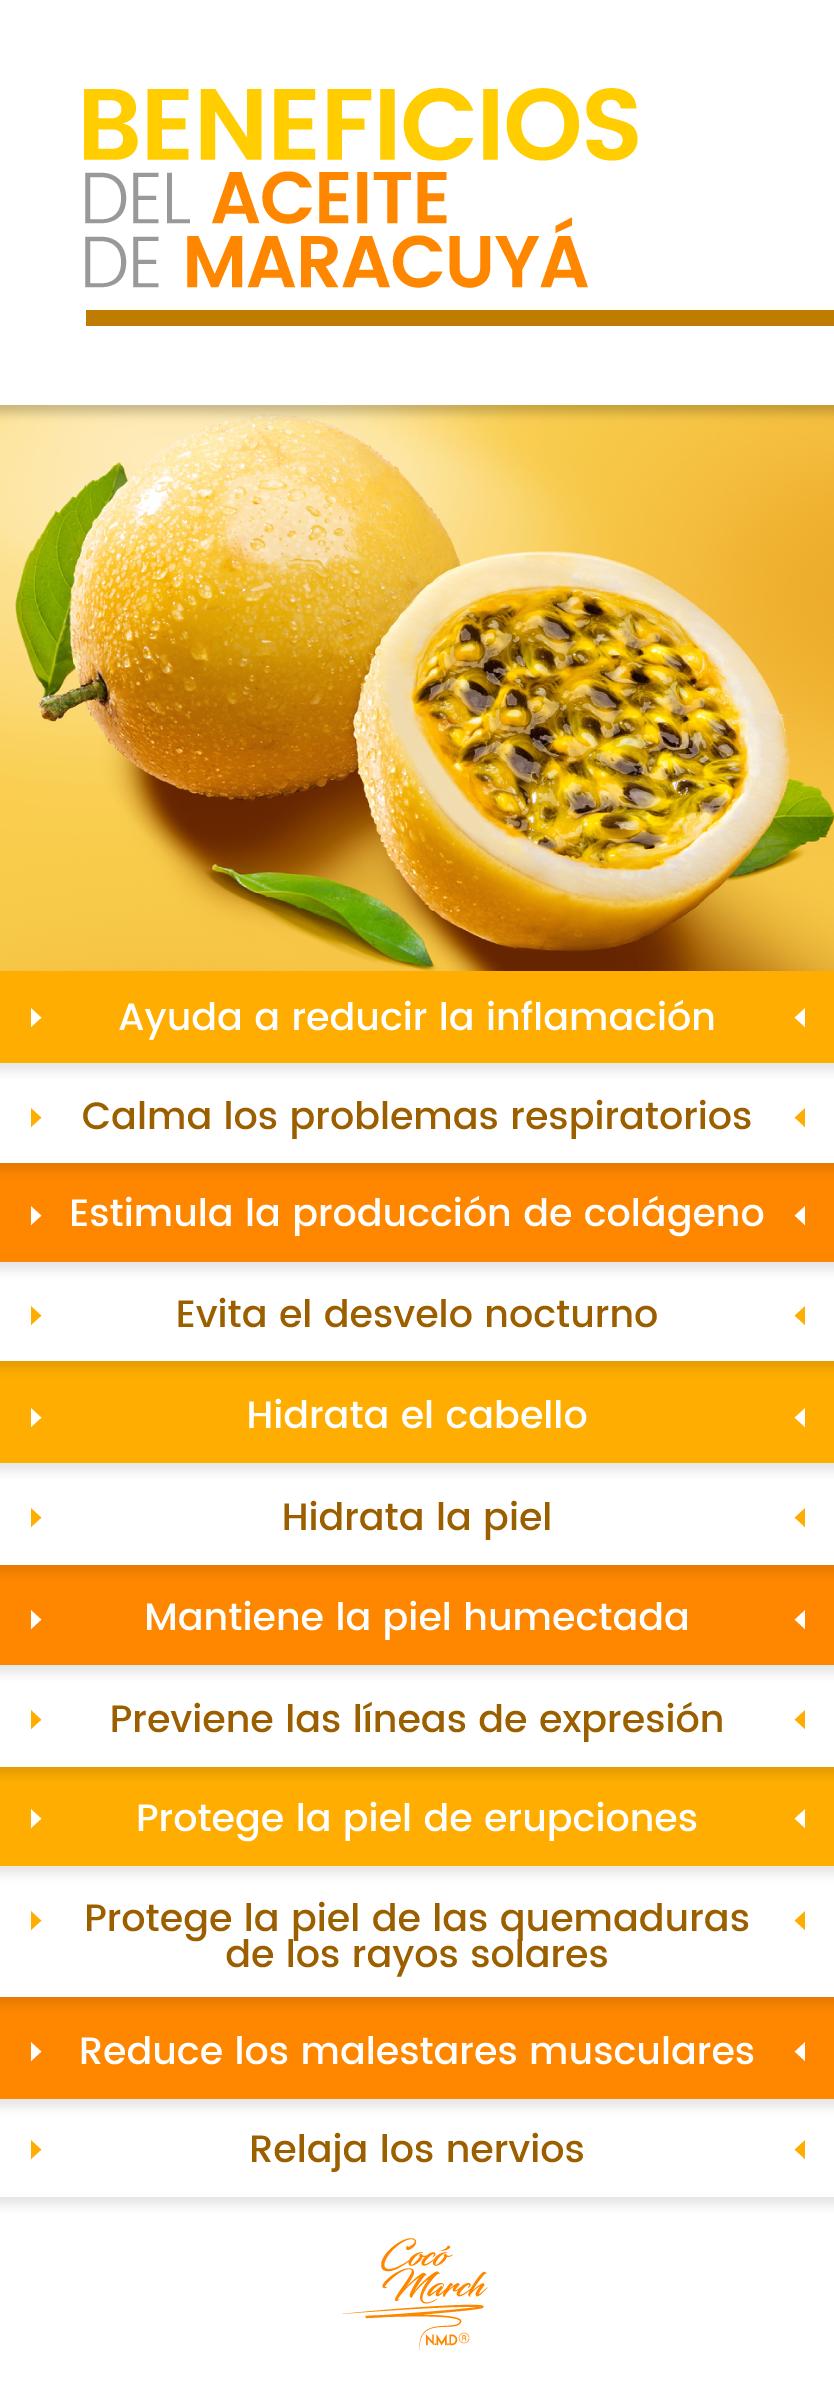 12 Maravillosos Beneficios Del Aceite De Maracuyá Coco March Beneficios De Alimentos Maracuya Beneficios Frutas Y Verduras Beneficios